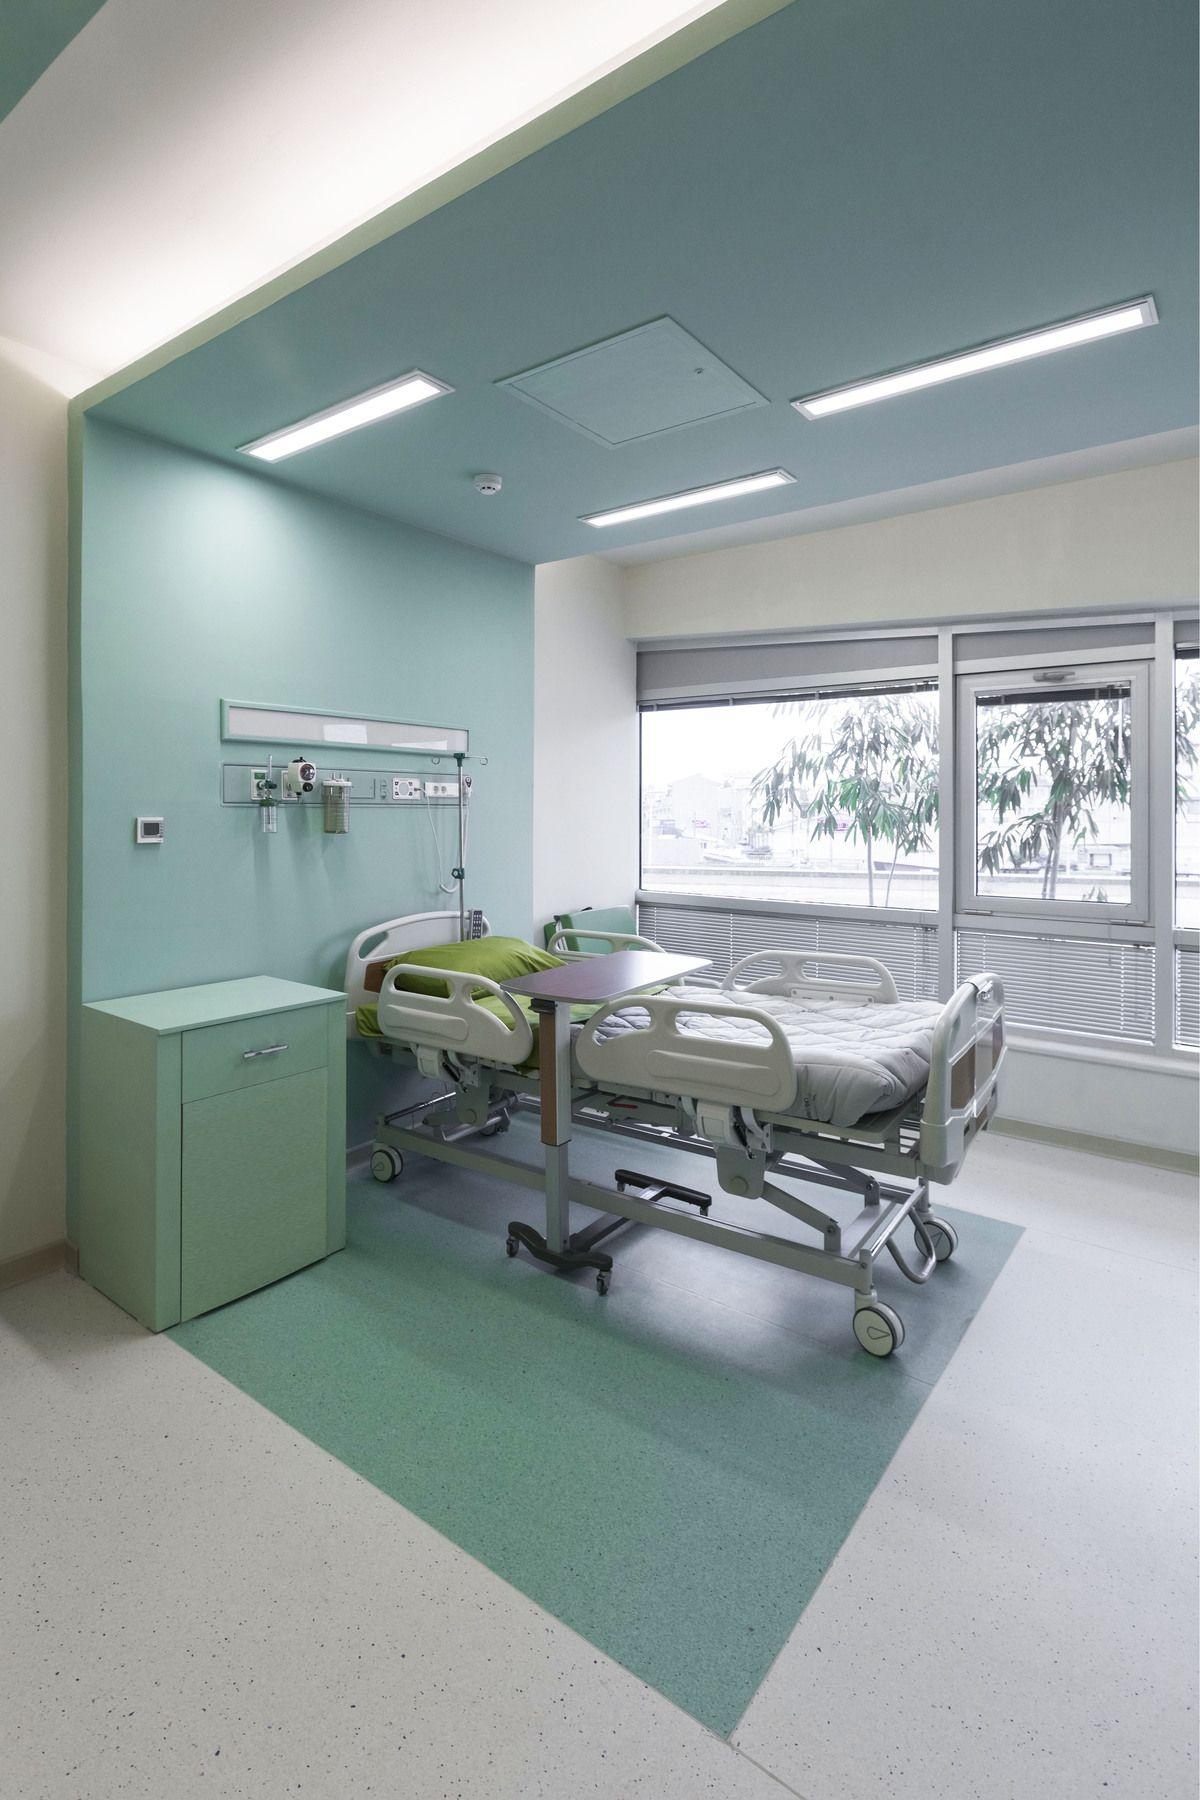 Hospital Room Interior Design: Clinic Interior Design, Hospital Design